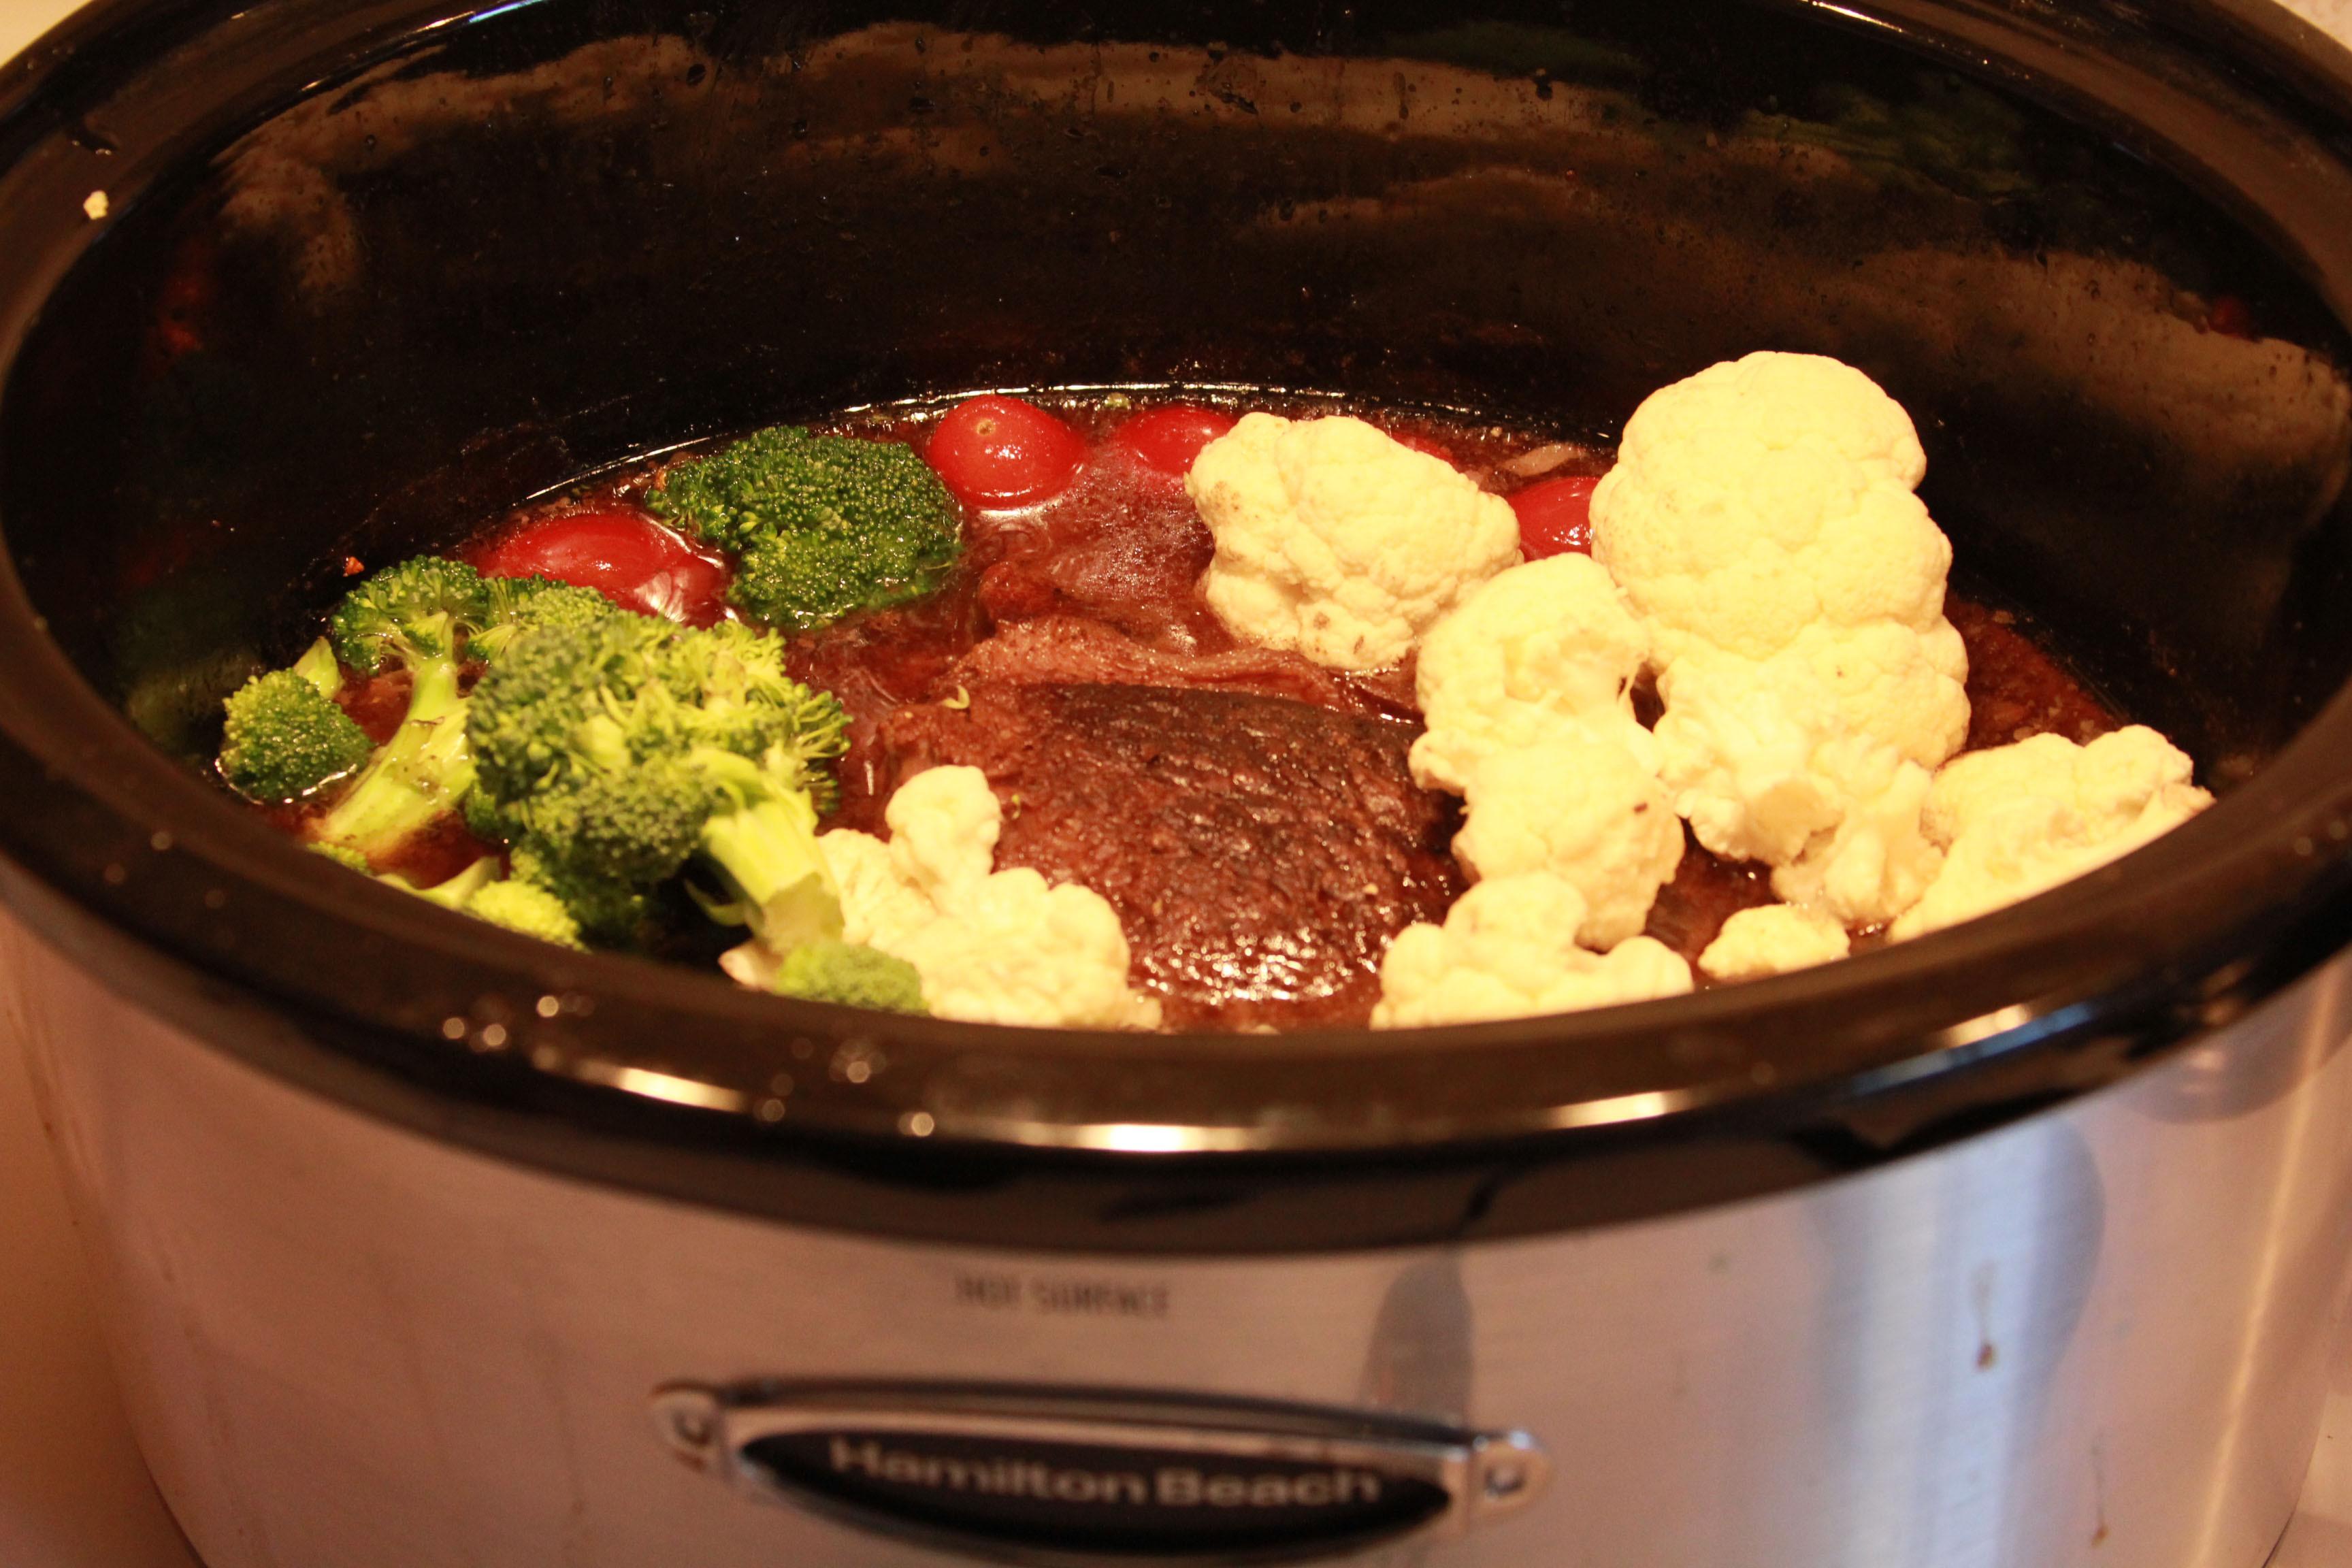 Crockpot Low Carb Recipes  Low Carb Crock Pot Recipes